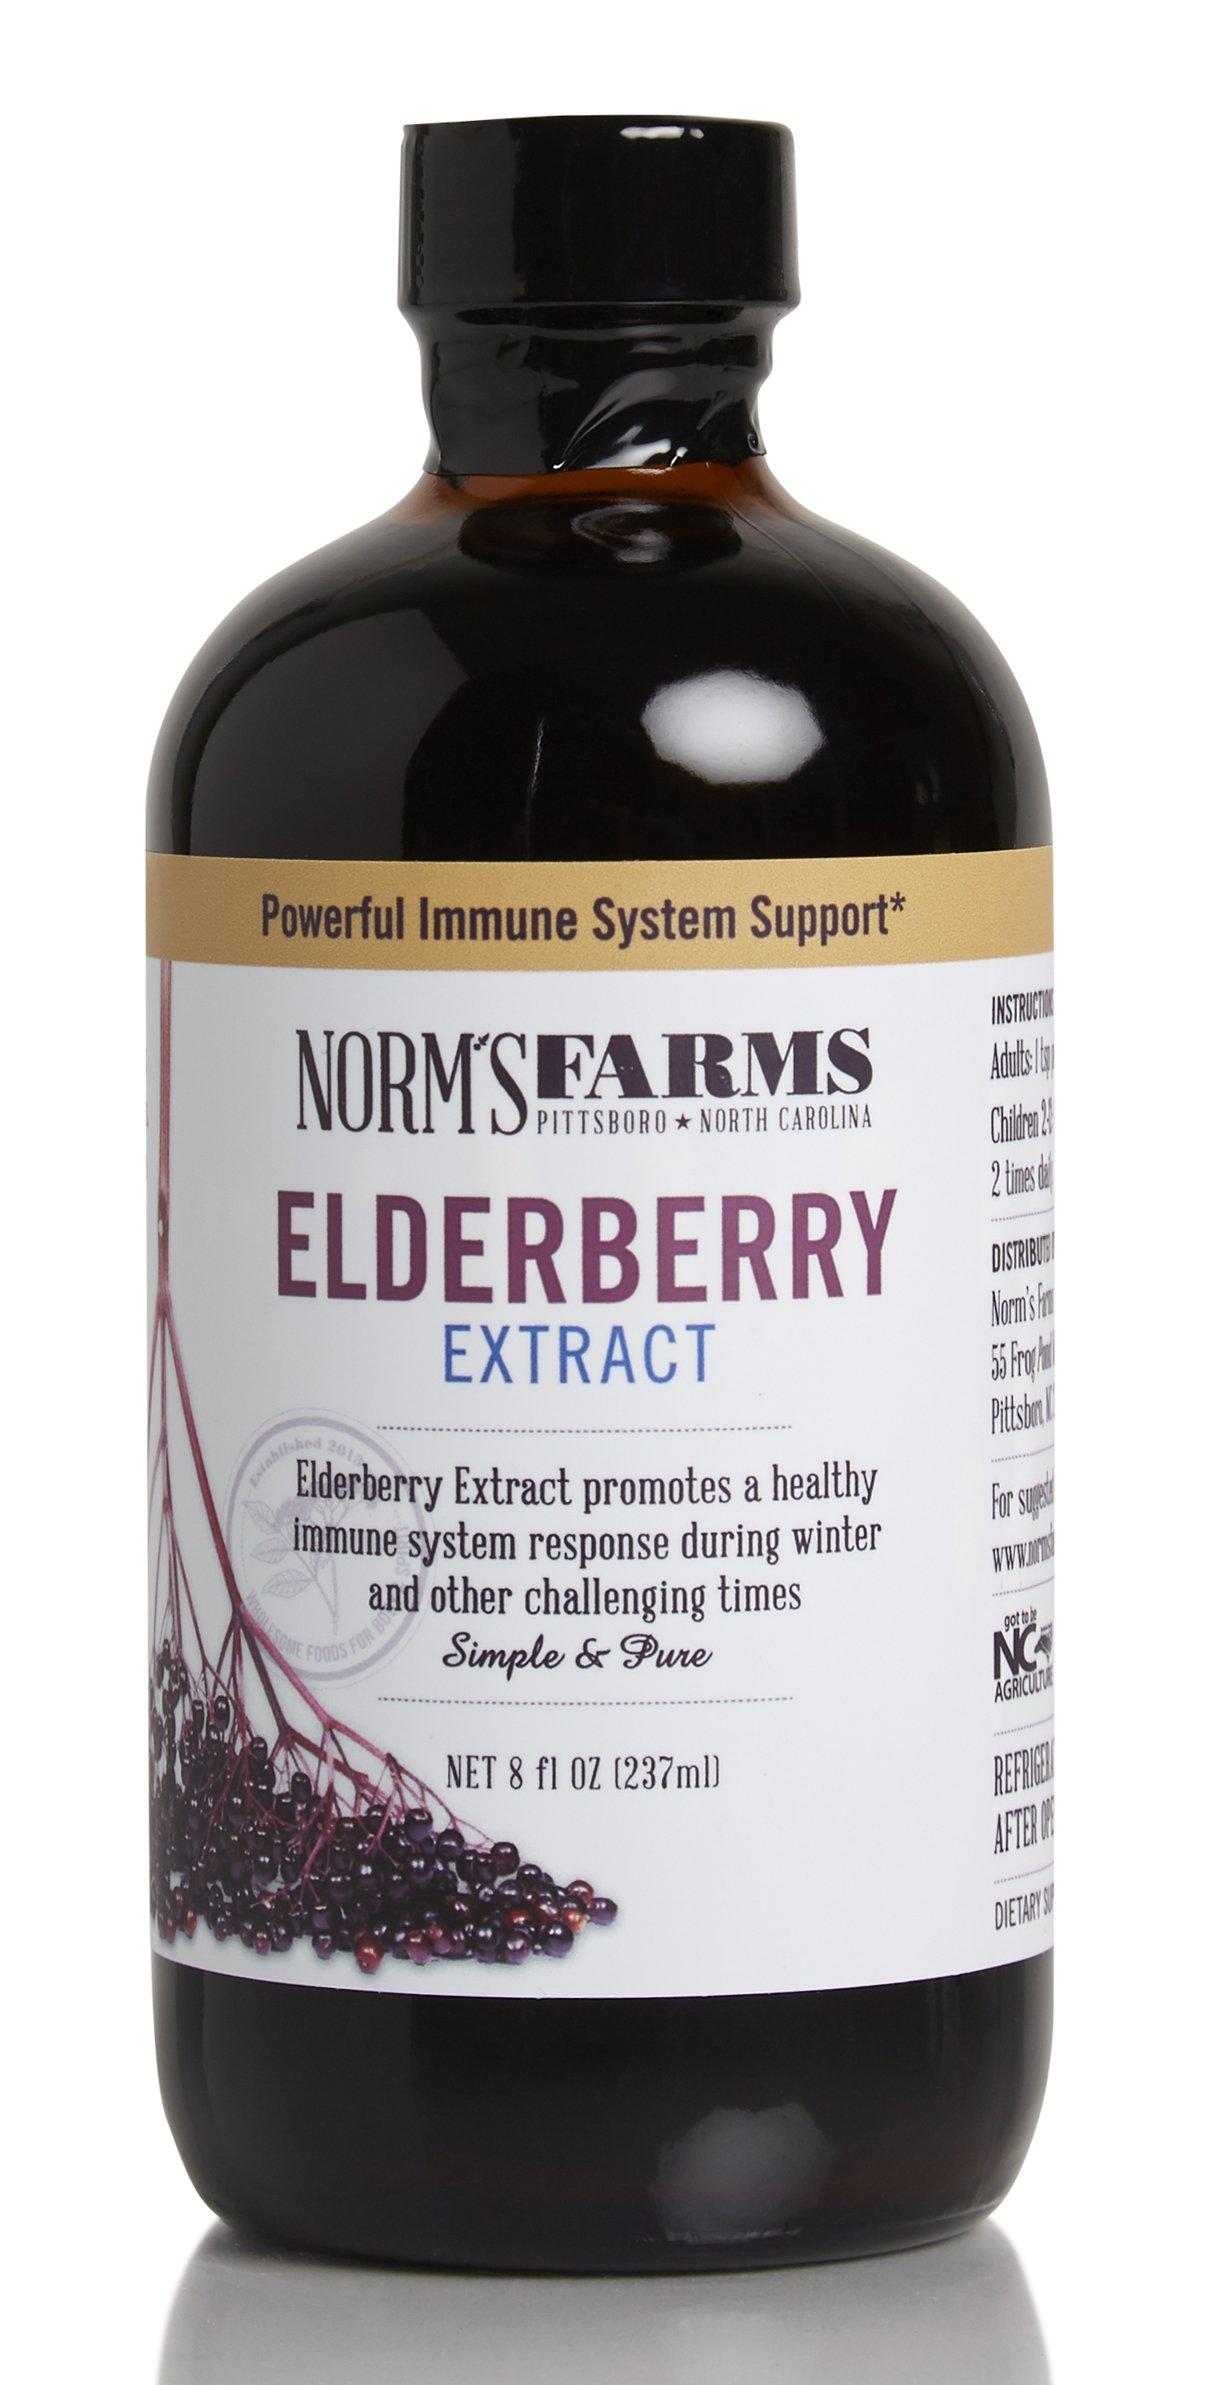 Norm's Farms Elderberry Extract, 8 Ounce Jar